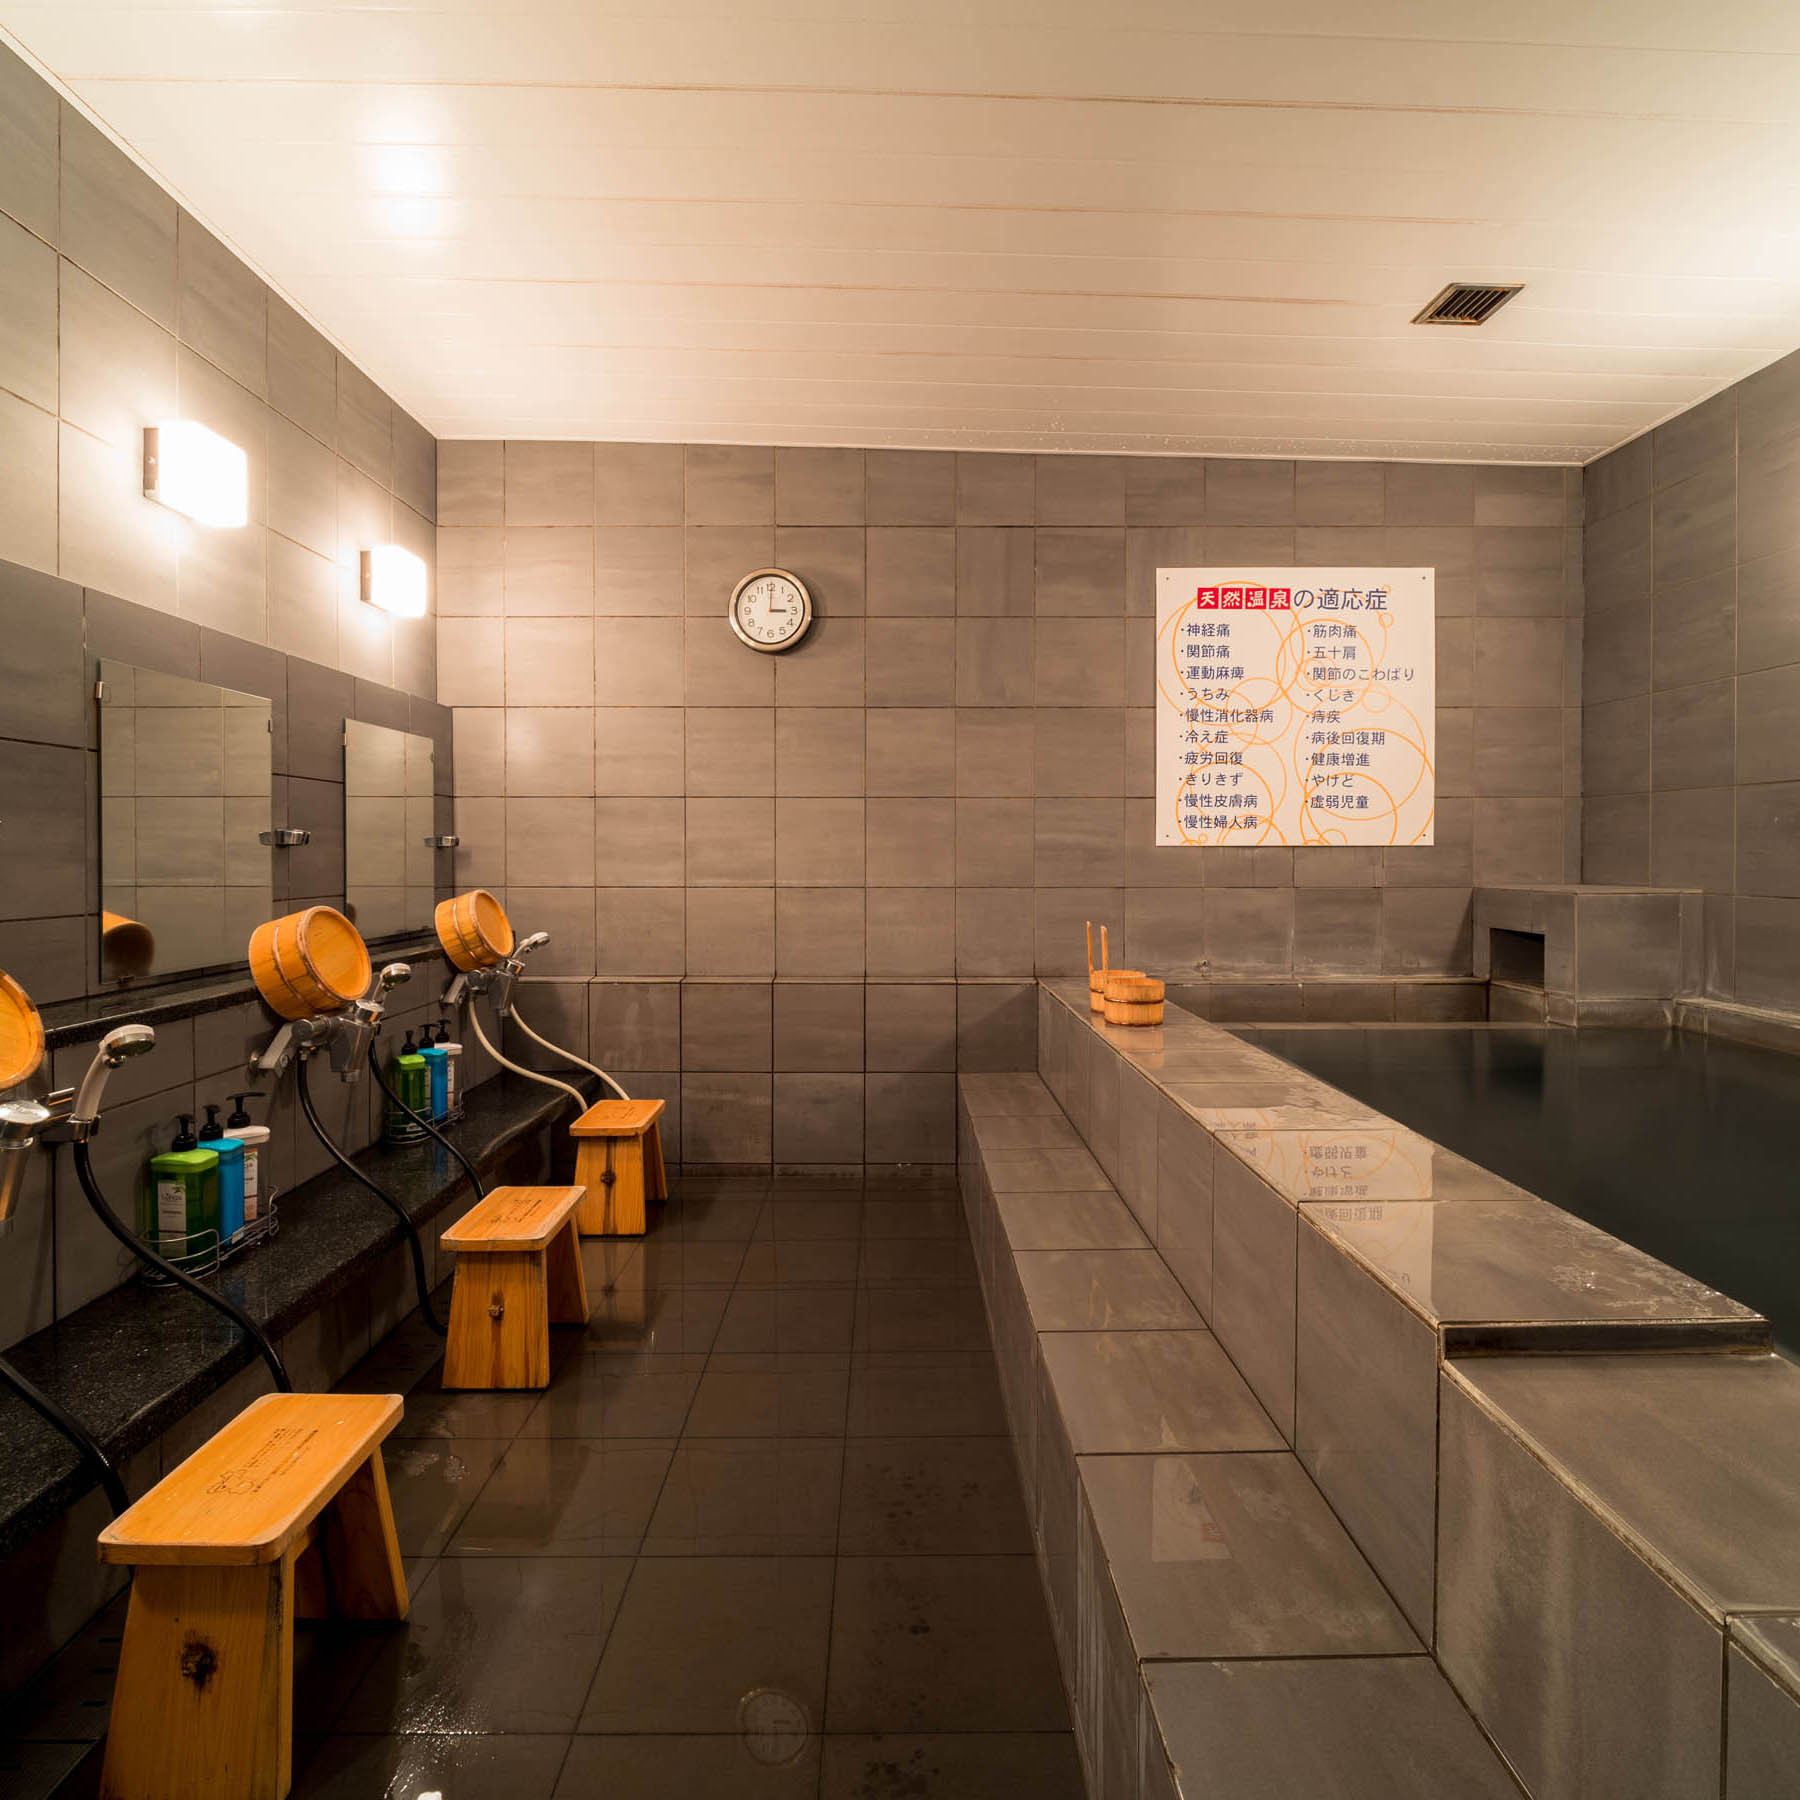 天然温泉「讃岐の湯」 スーパーホテル高松・田町 image